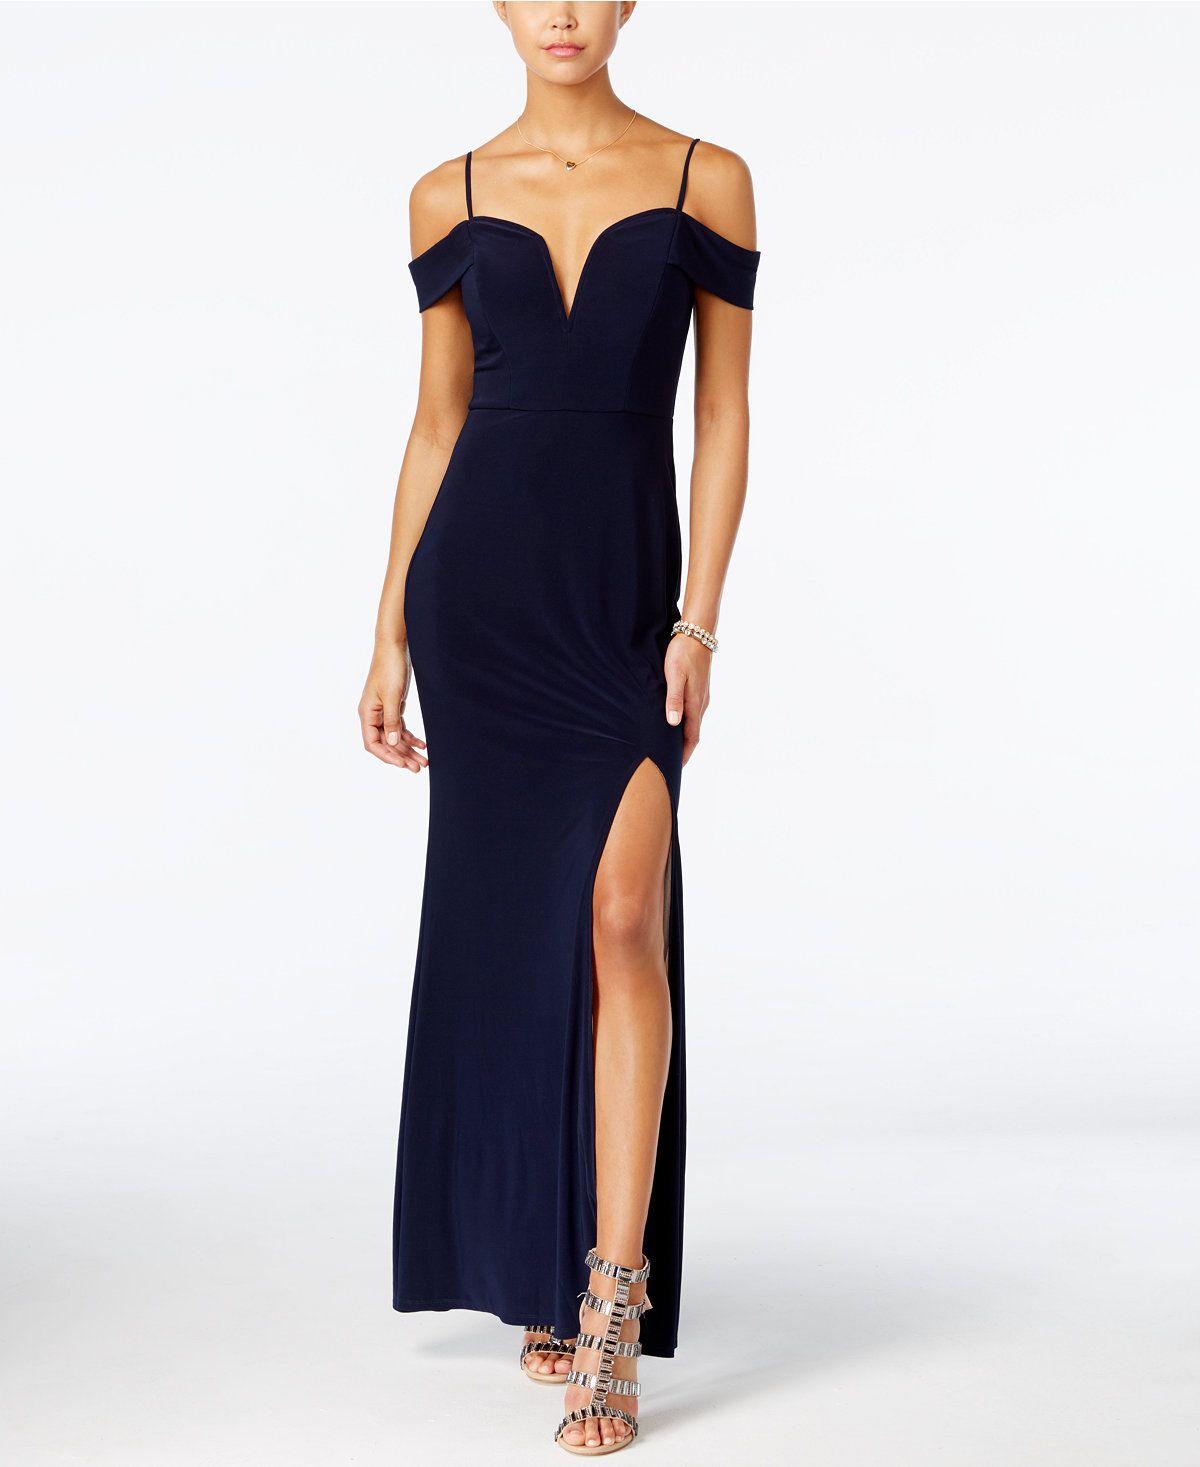 6b0e93d4e8bc City Studios Juniors' Off-The-Shoulder Gown - Juniors Prom Dresses - Macy's